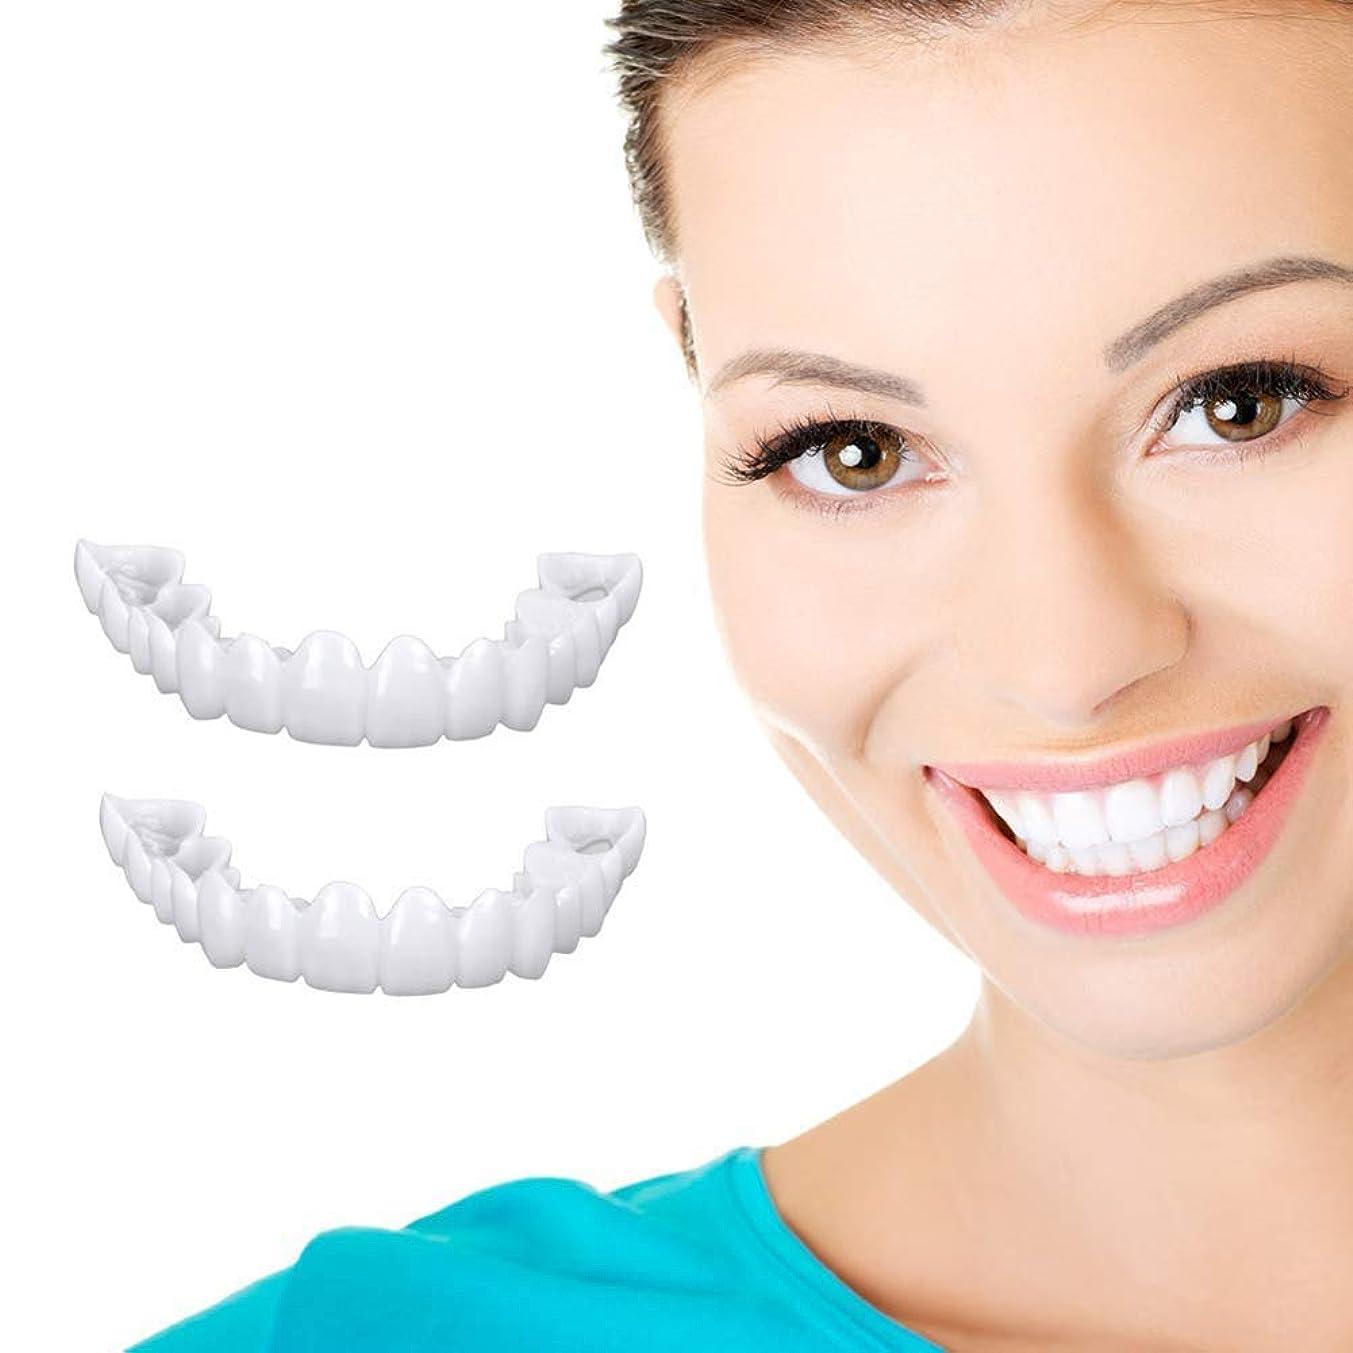 ぞっとするような消毒剤城歯プロフェッショナルブレース化粧品ホワイトニング偽歯突き板ノベルティ矯正パーフェクトデンチャーボックス入り上下歯セット,1Pairs